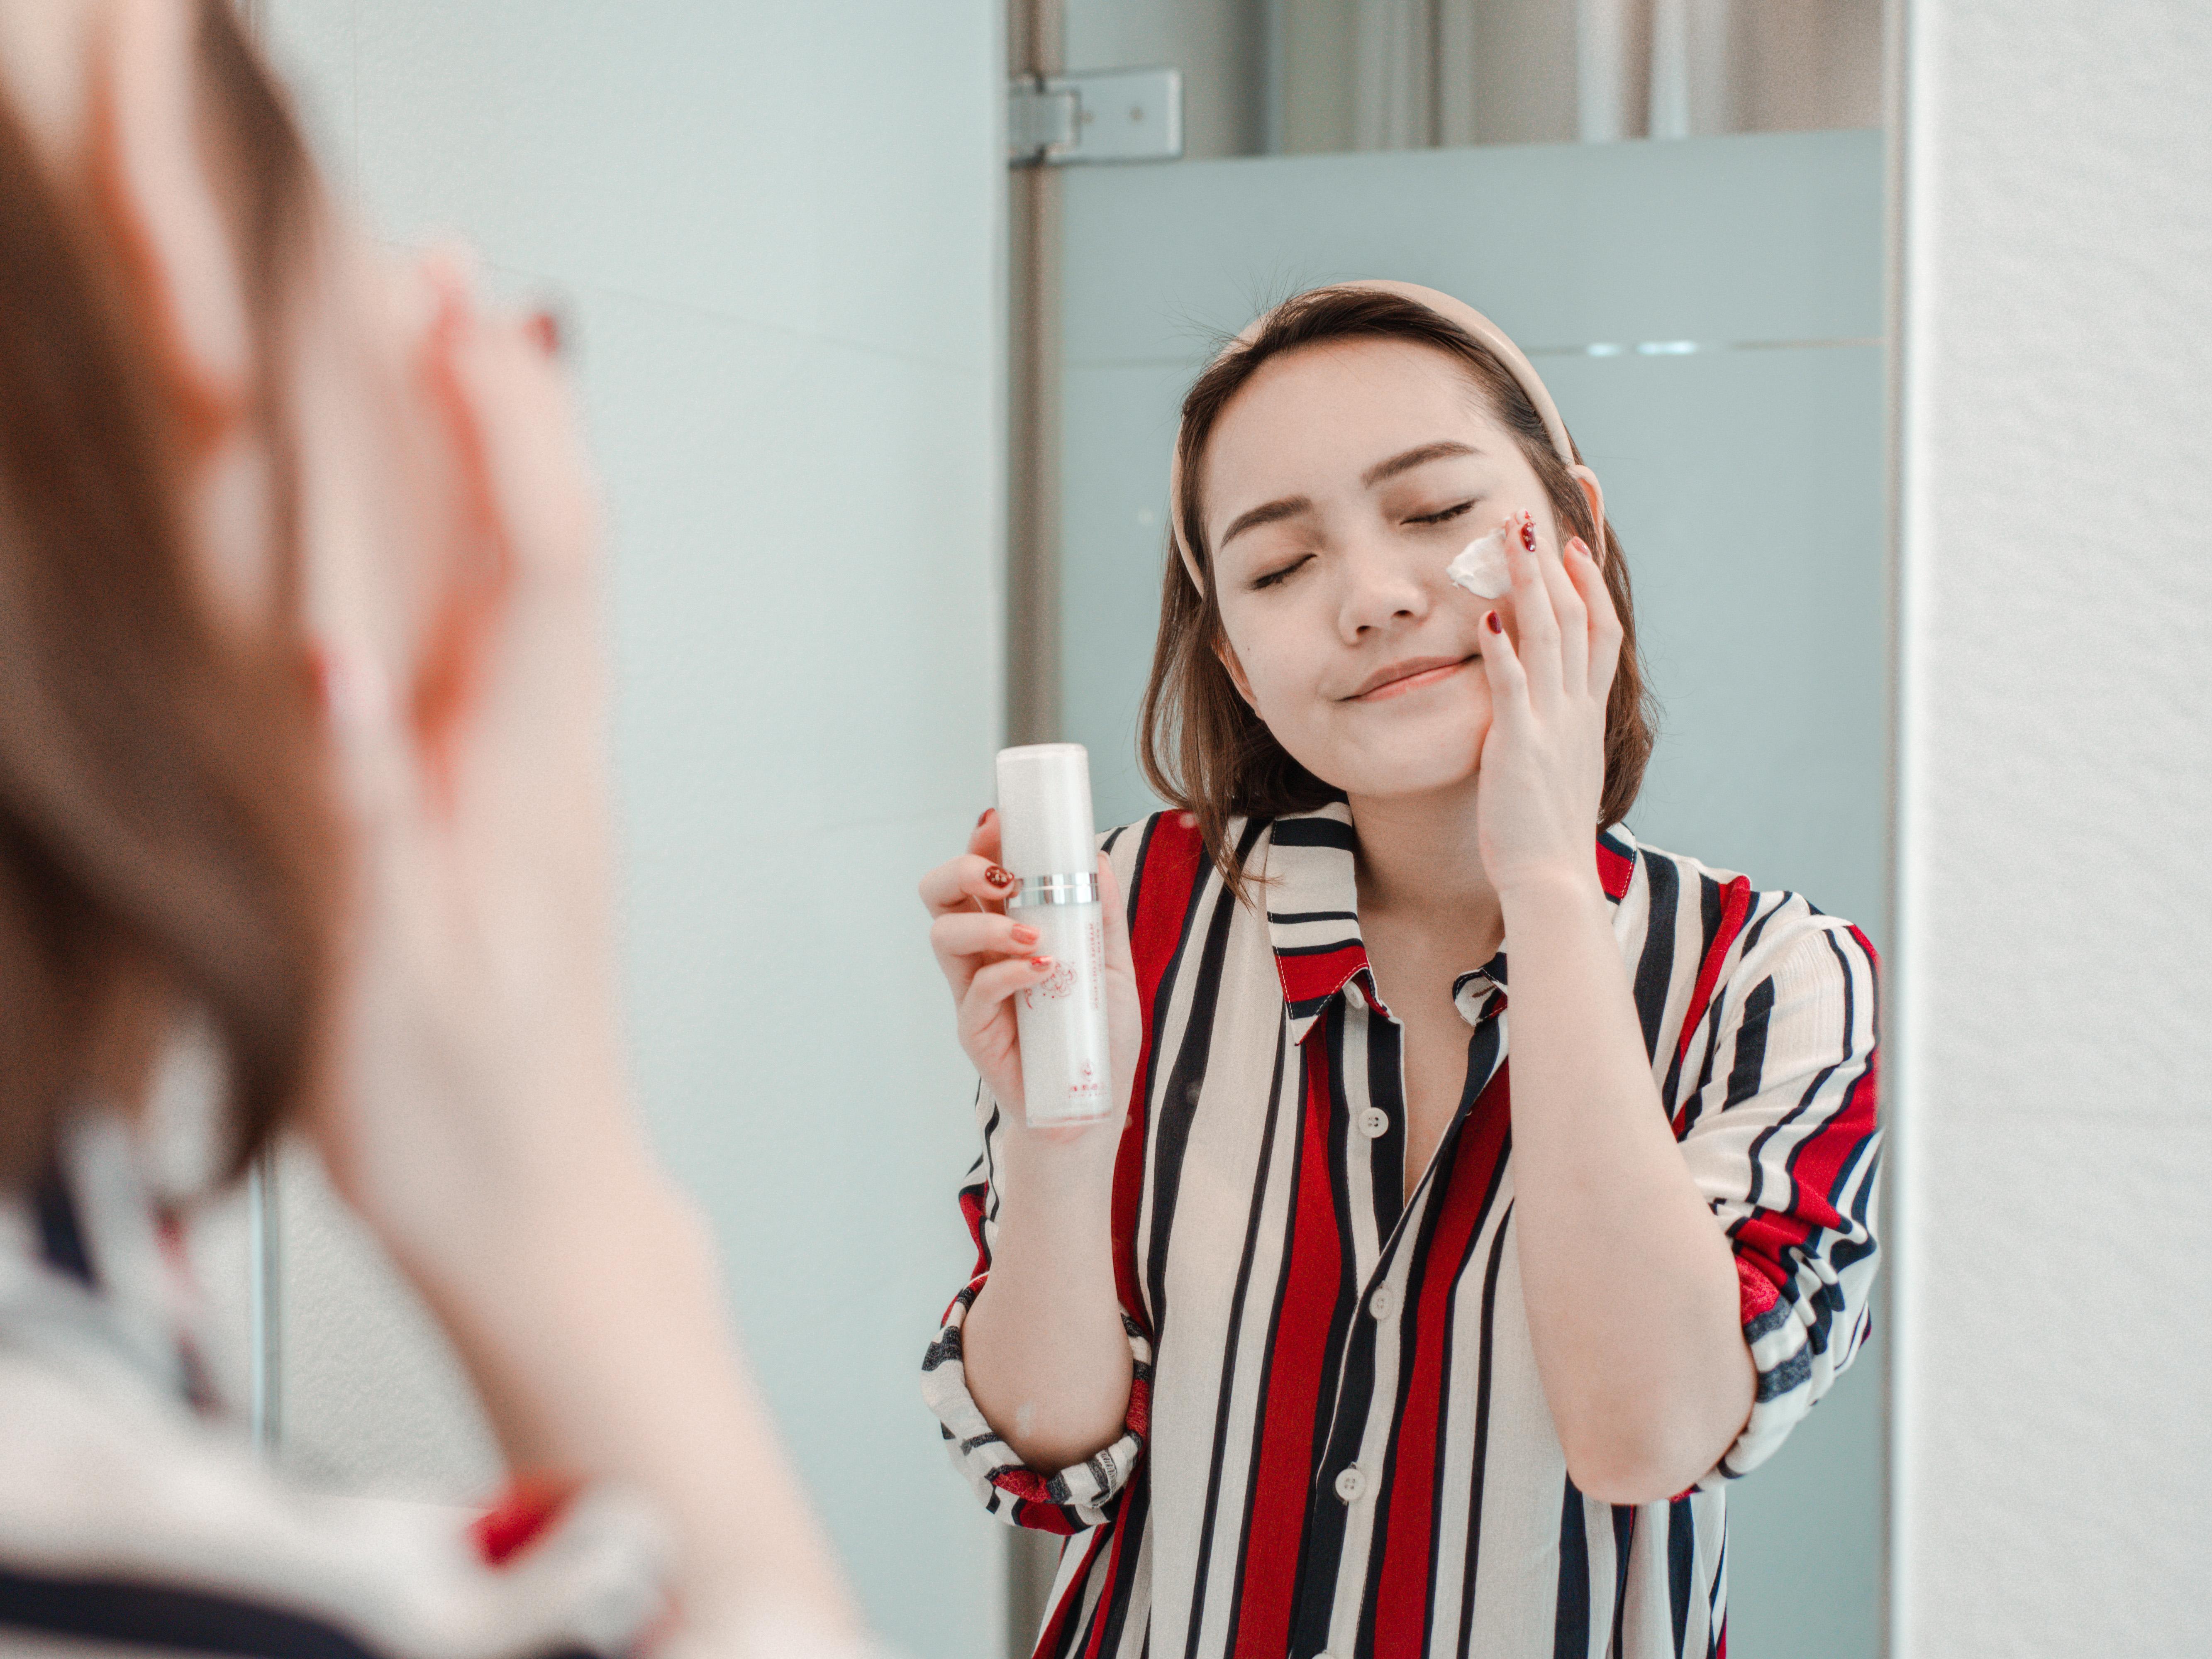 敏感肌保養方法大公開!從保養品到保養步驟一次了解。芯澄澤齡